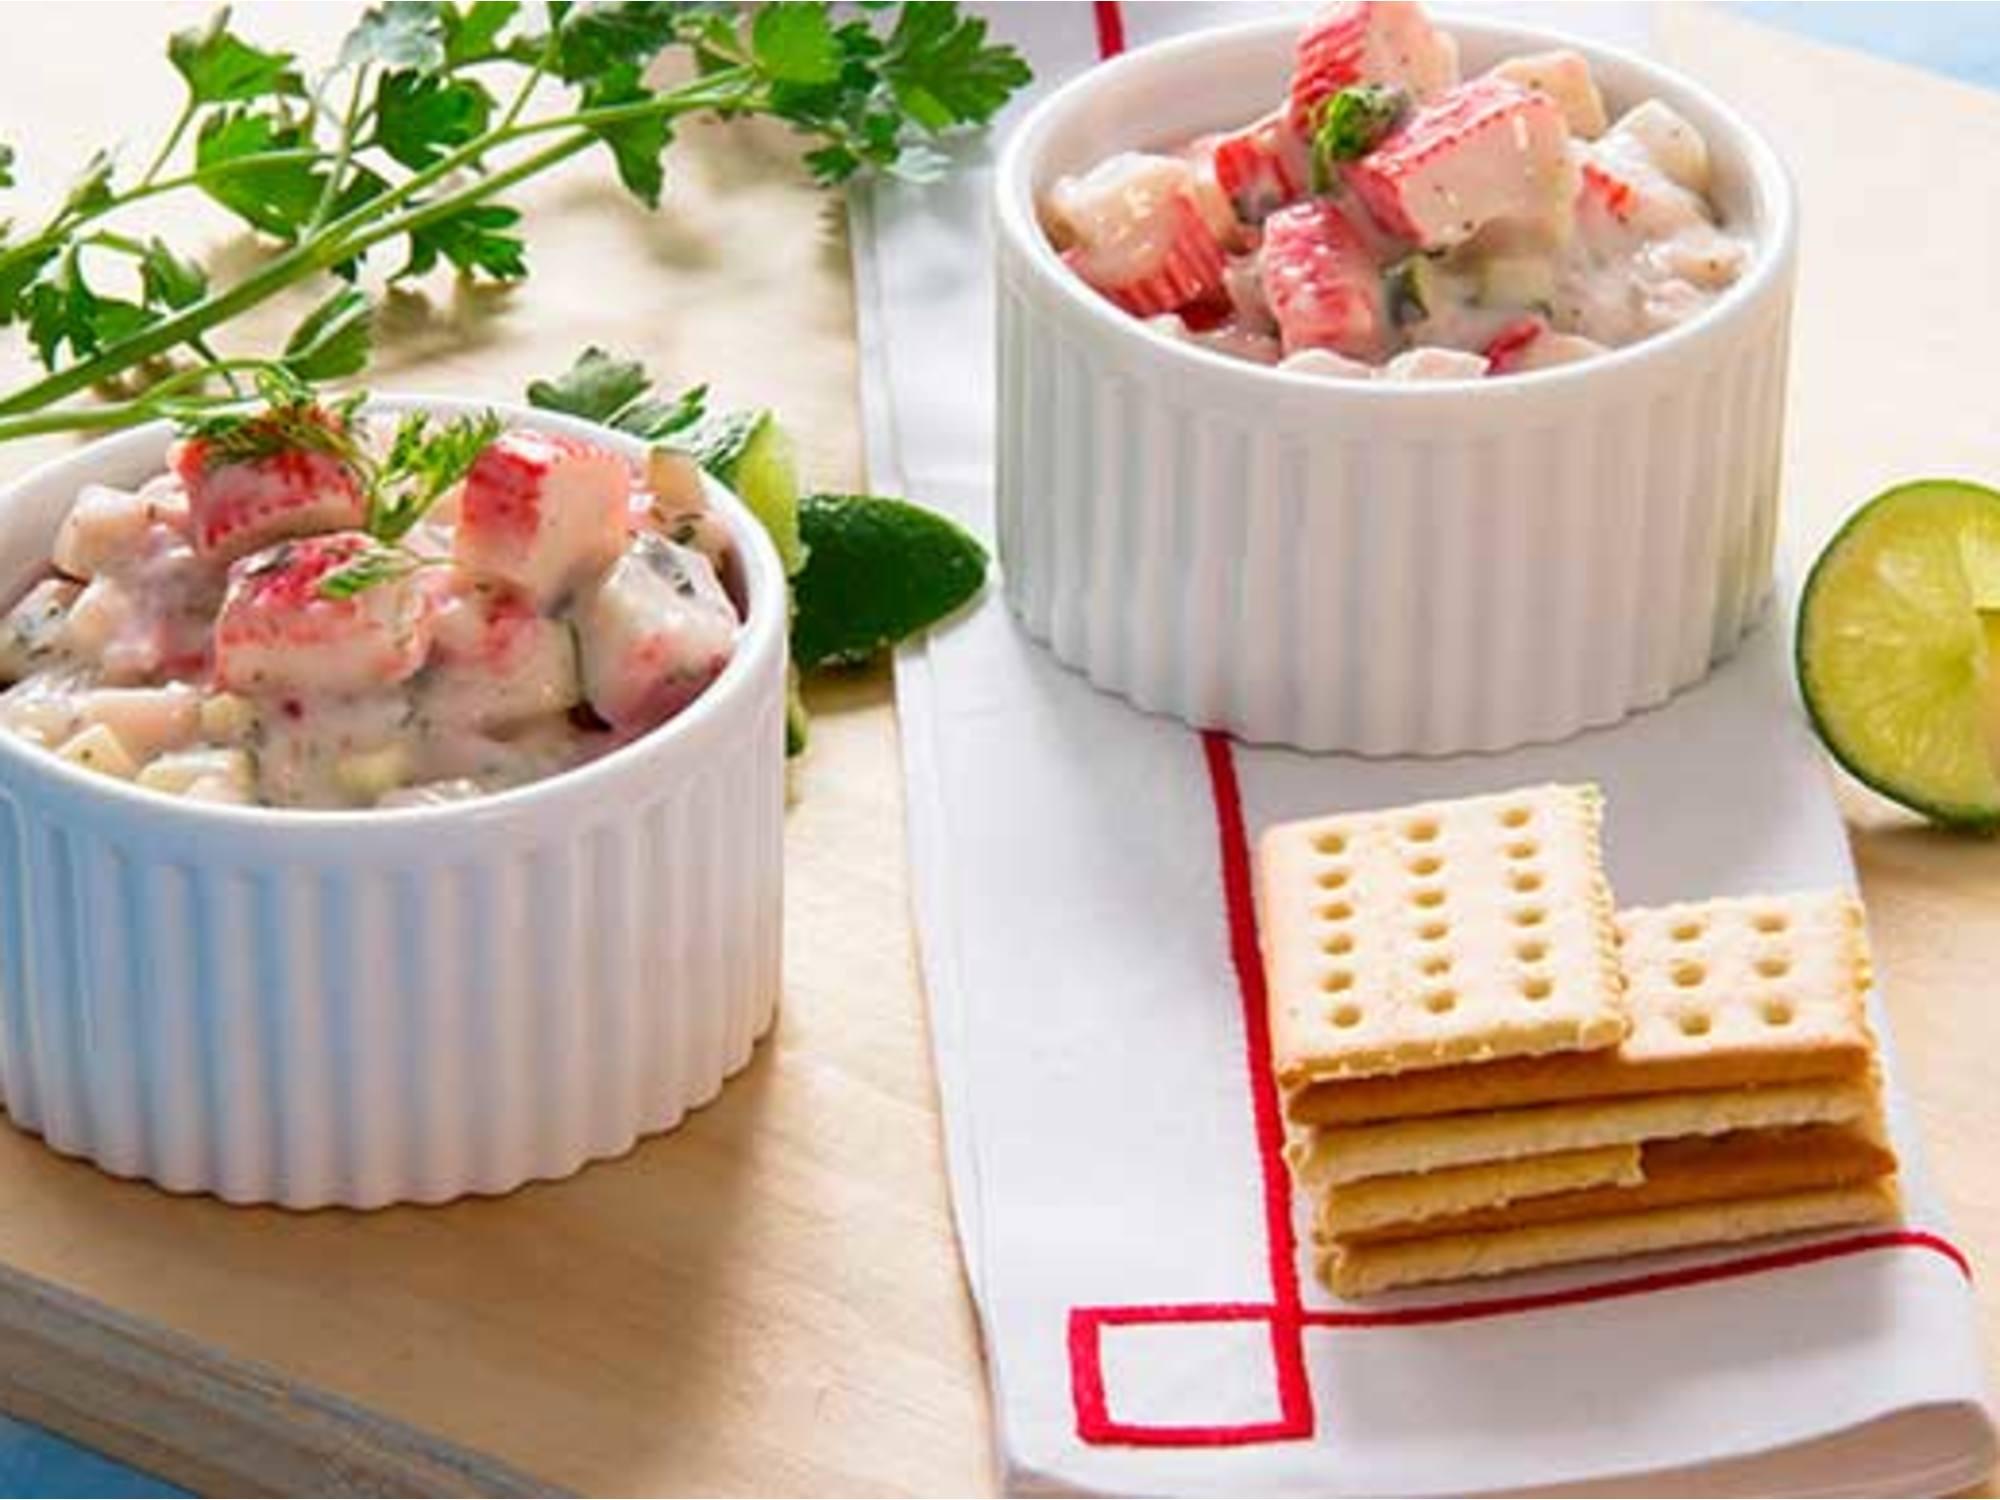 Cóctel Tártaro con Salsa tártara Fruco  y Salsa de ají Fruco